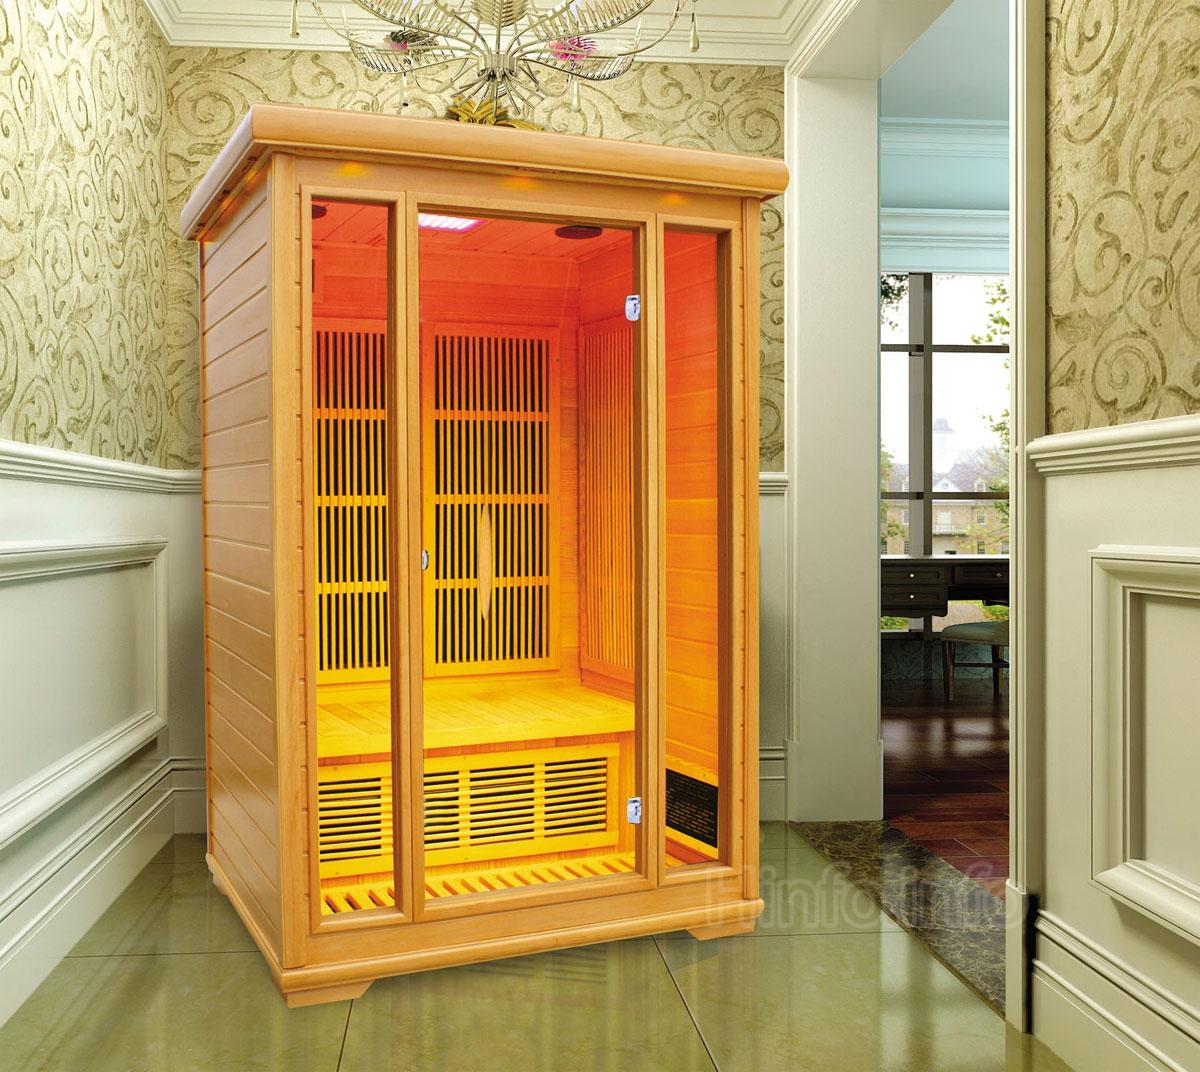 Домашняя стационарная инфракрасная сауна.